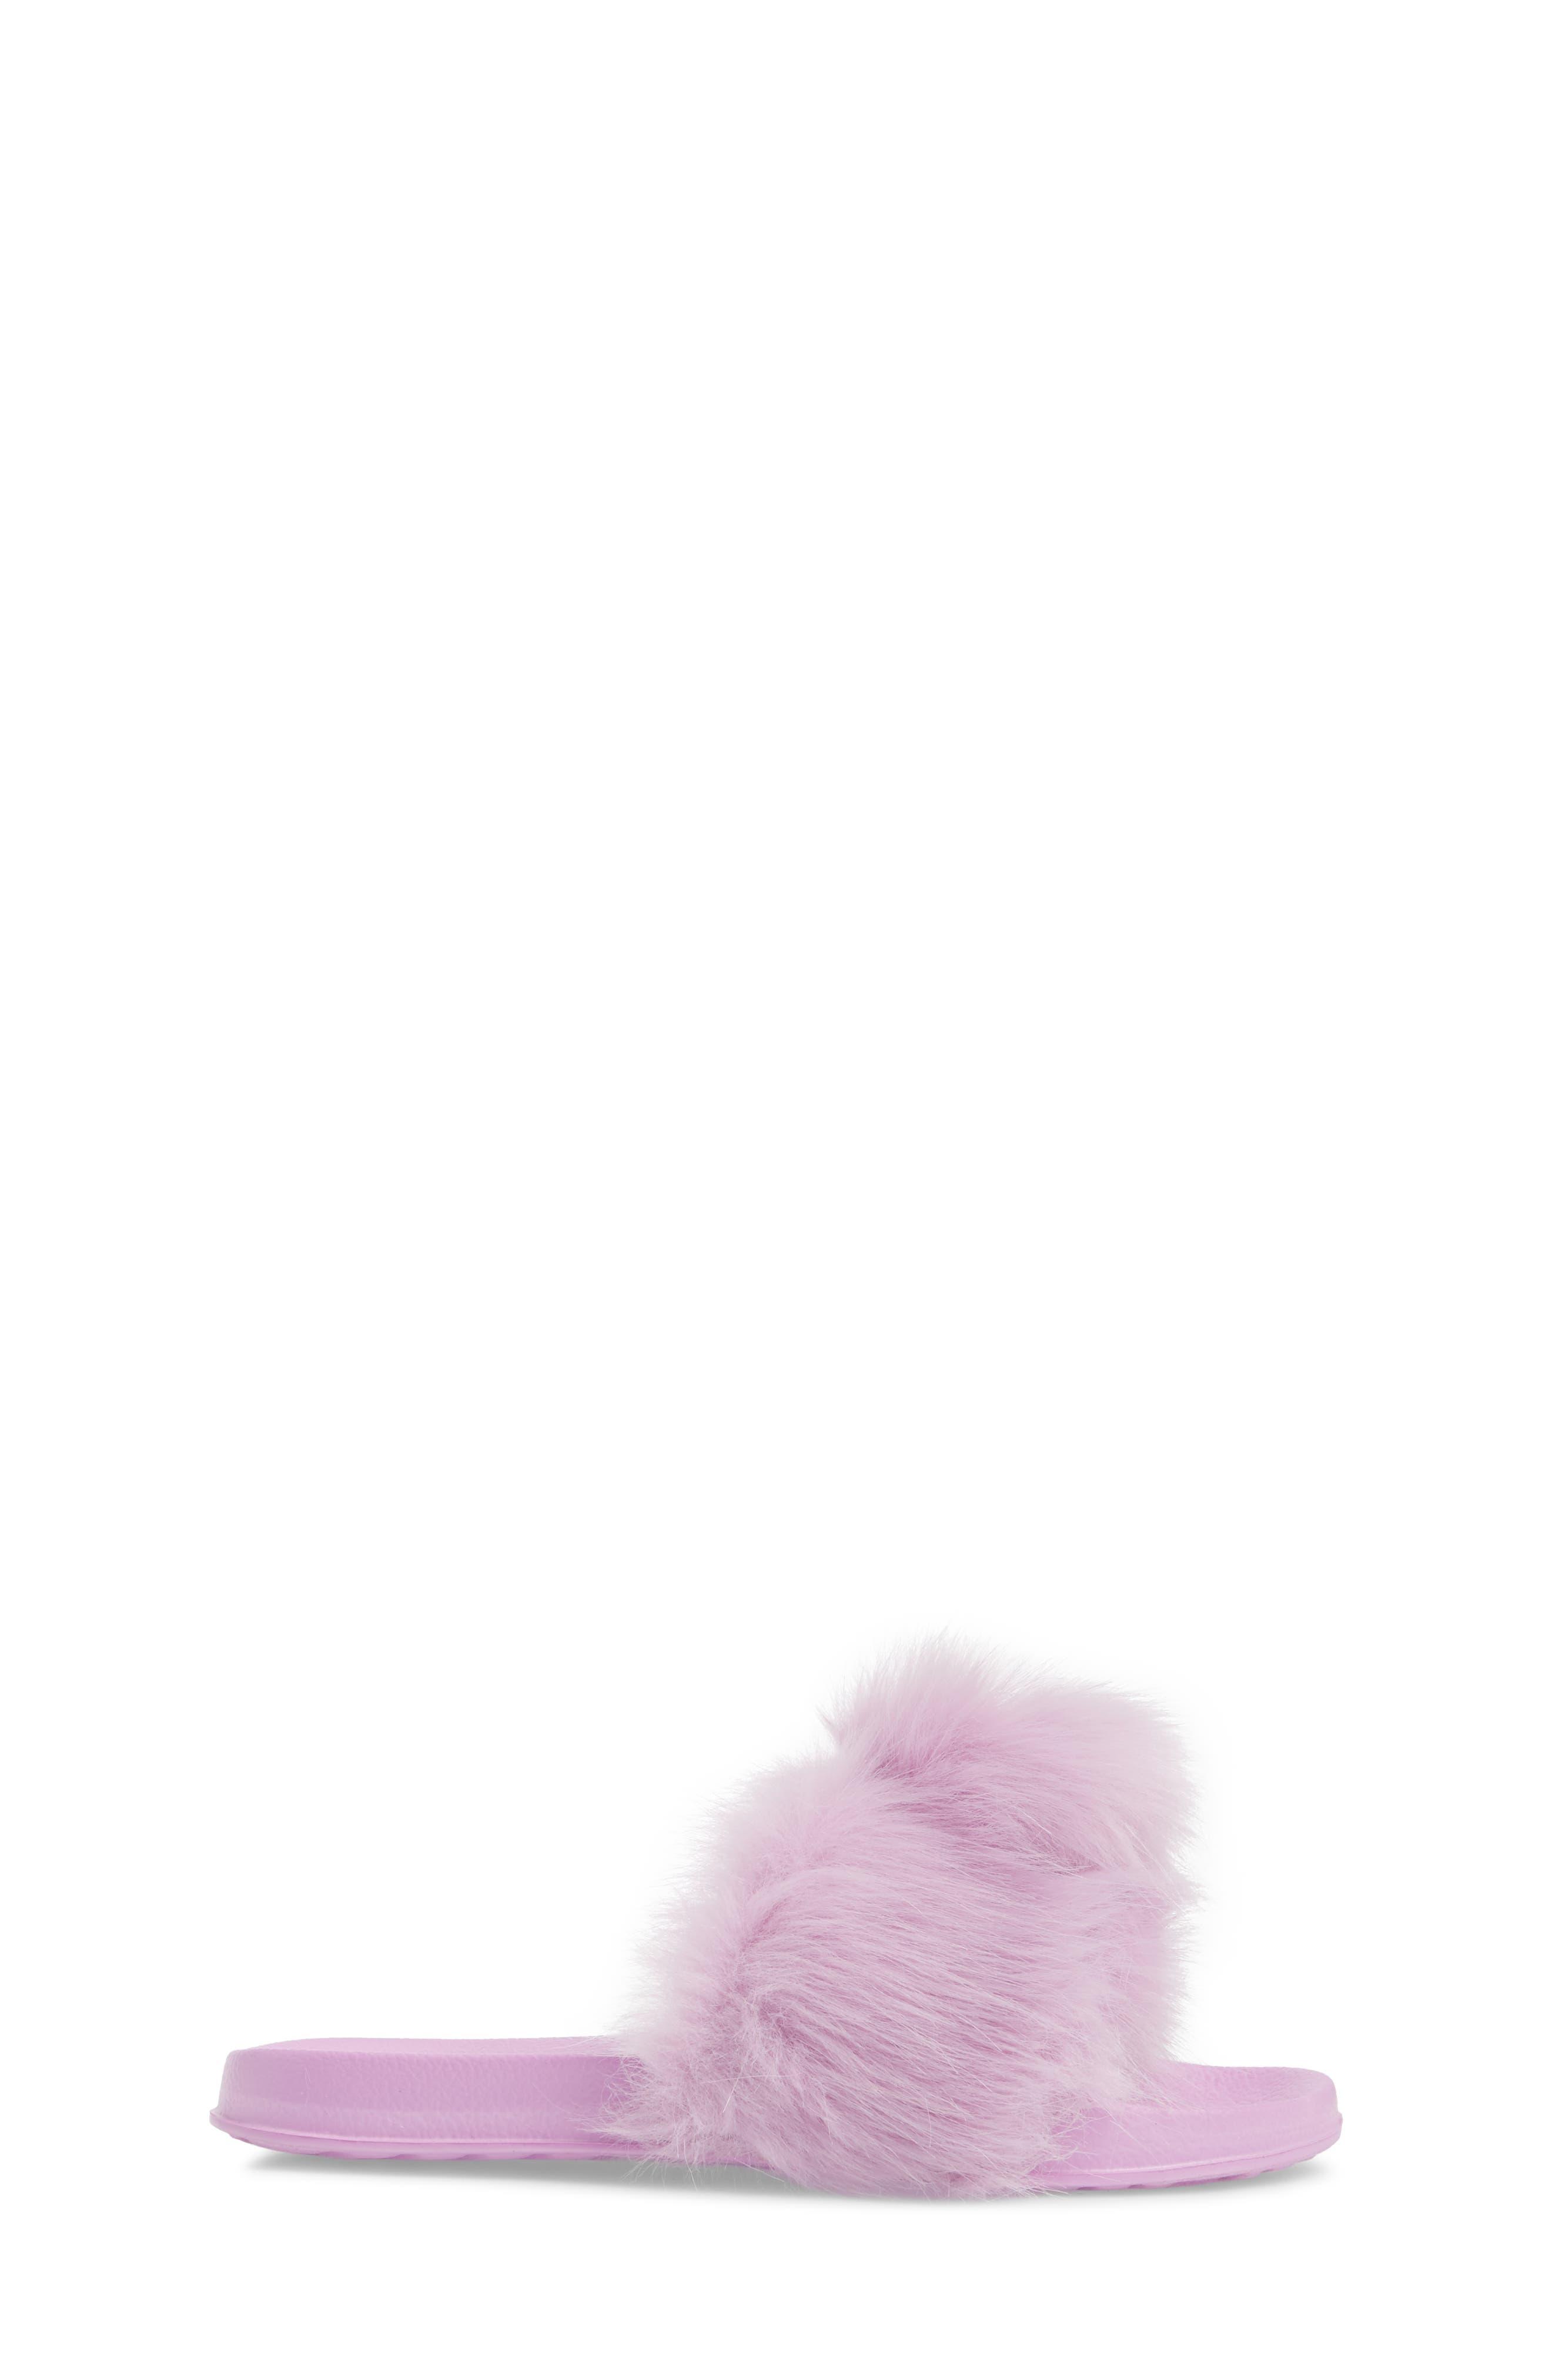 Mackie Aster Faux Fur Slide Sandal,                             Alternate thumbnail 3, color,                             Lavender Faux Fur